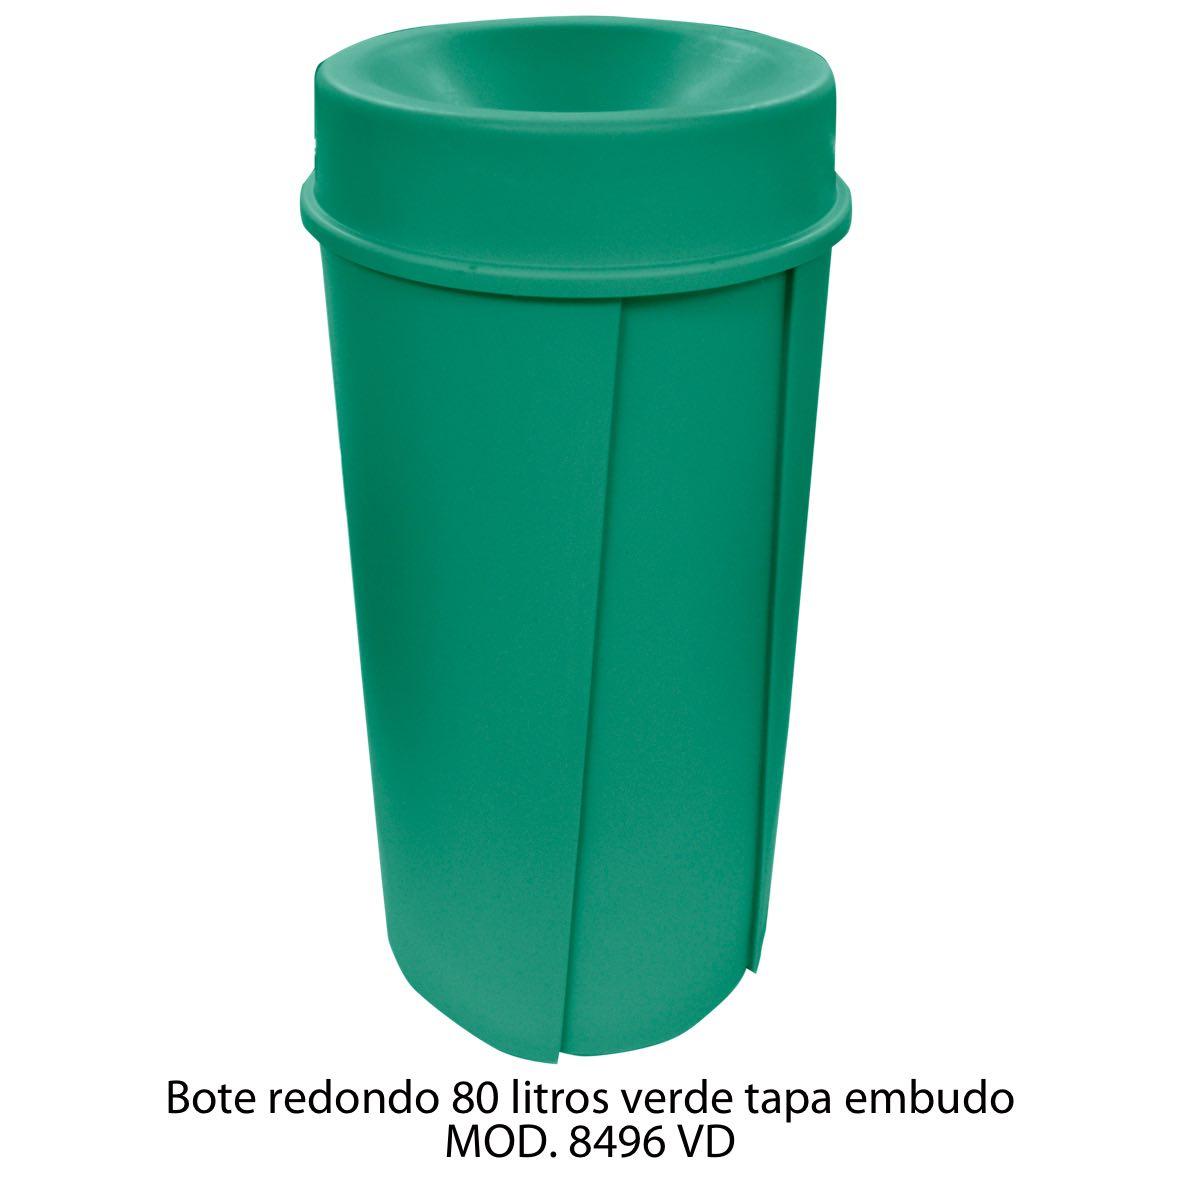 Bote de basura redondo de 80 litros con tapa embudo color verde modelo 8496 VD Sablón